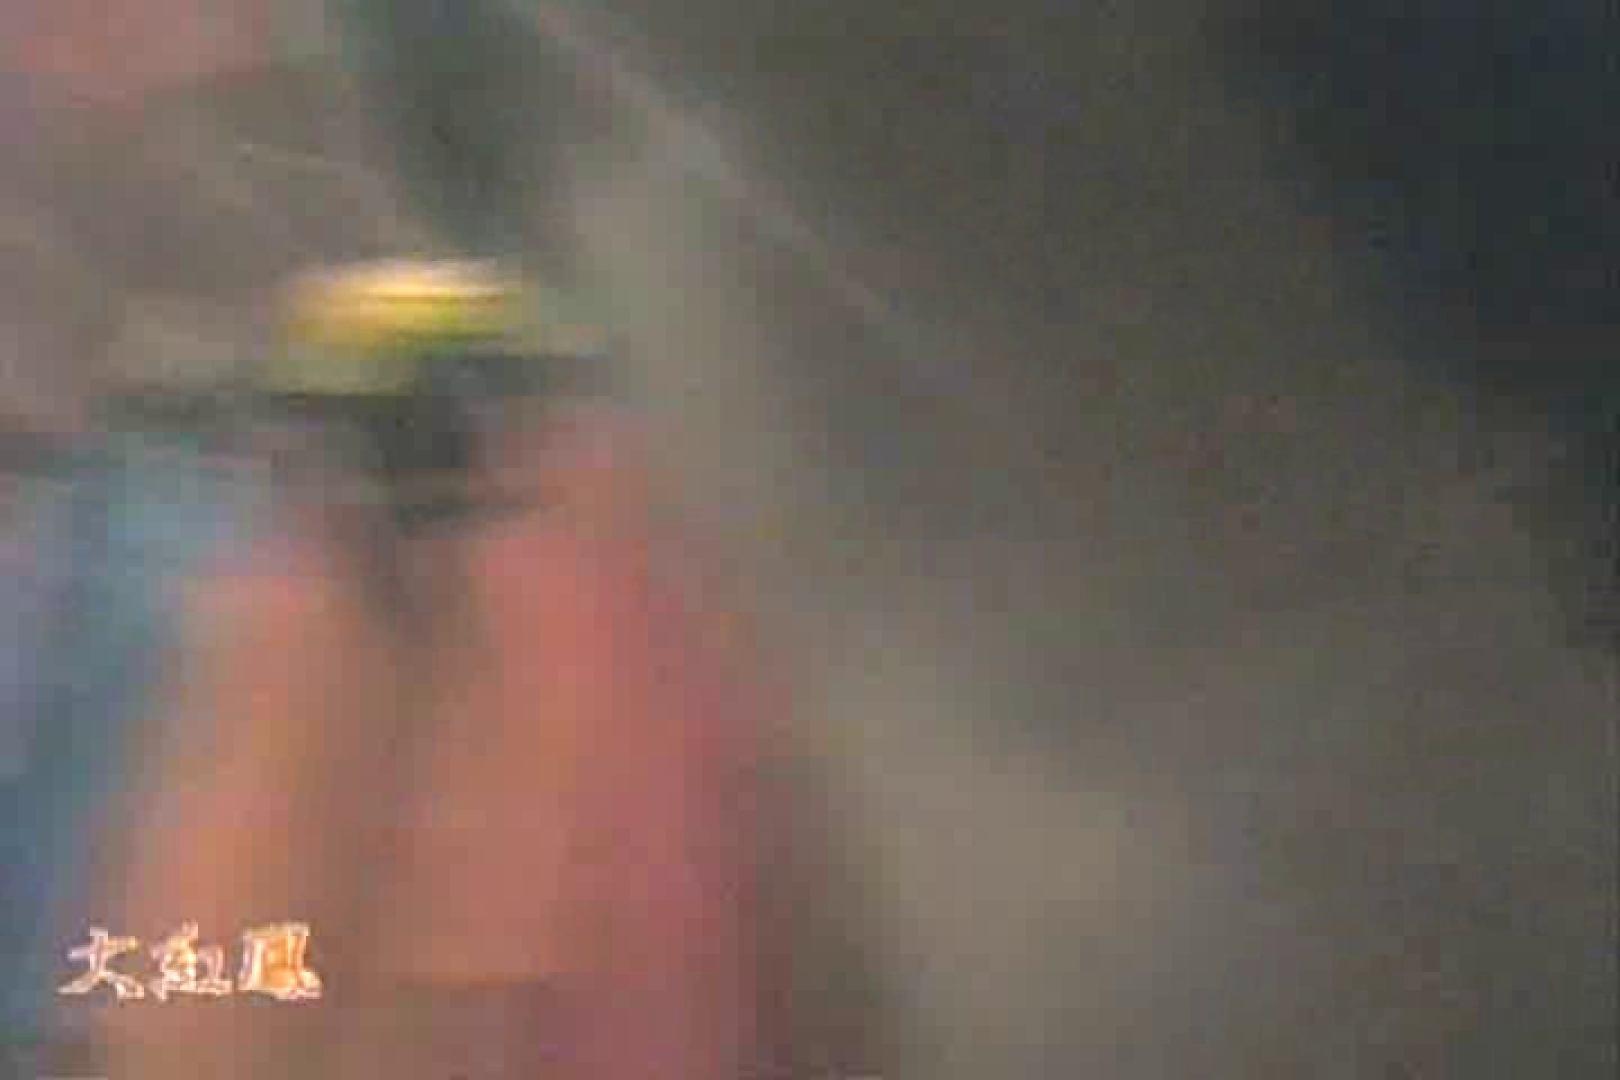 究極カリスマショップ逆さ撮り 完全保存版02 チラ  103画像 18